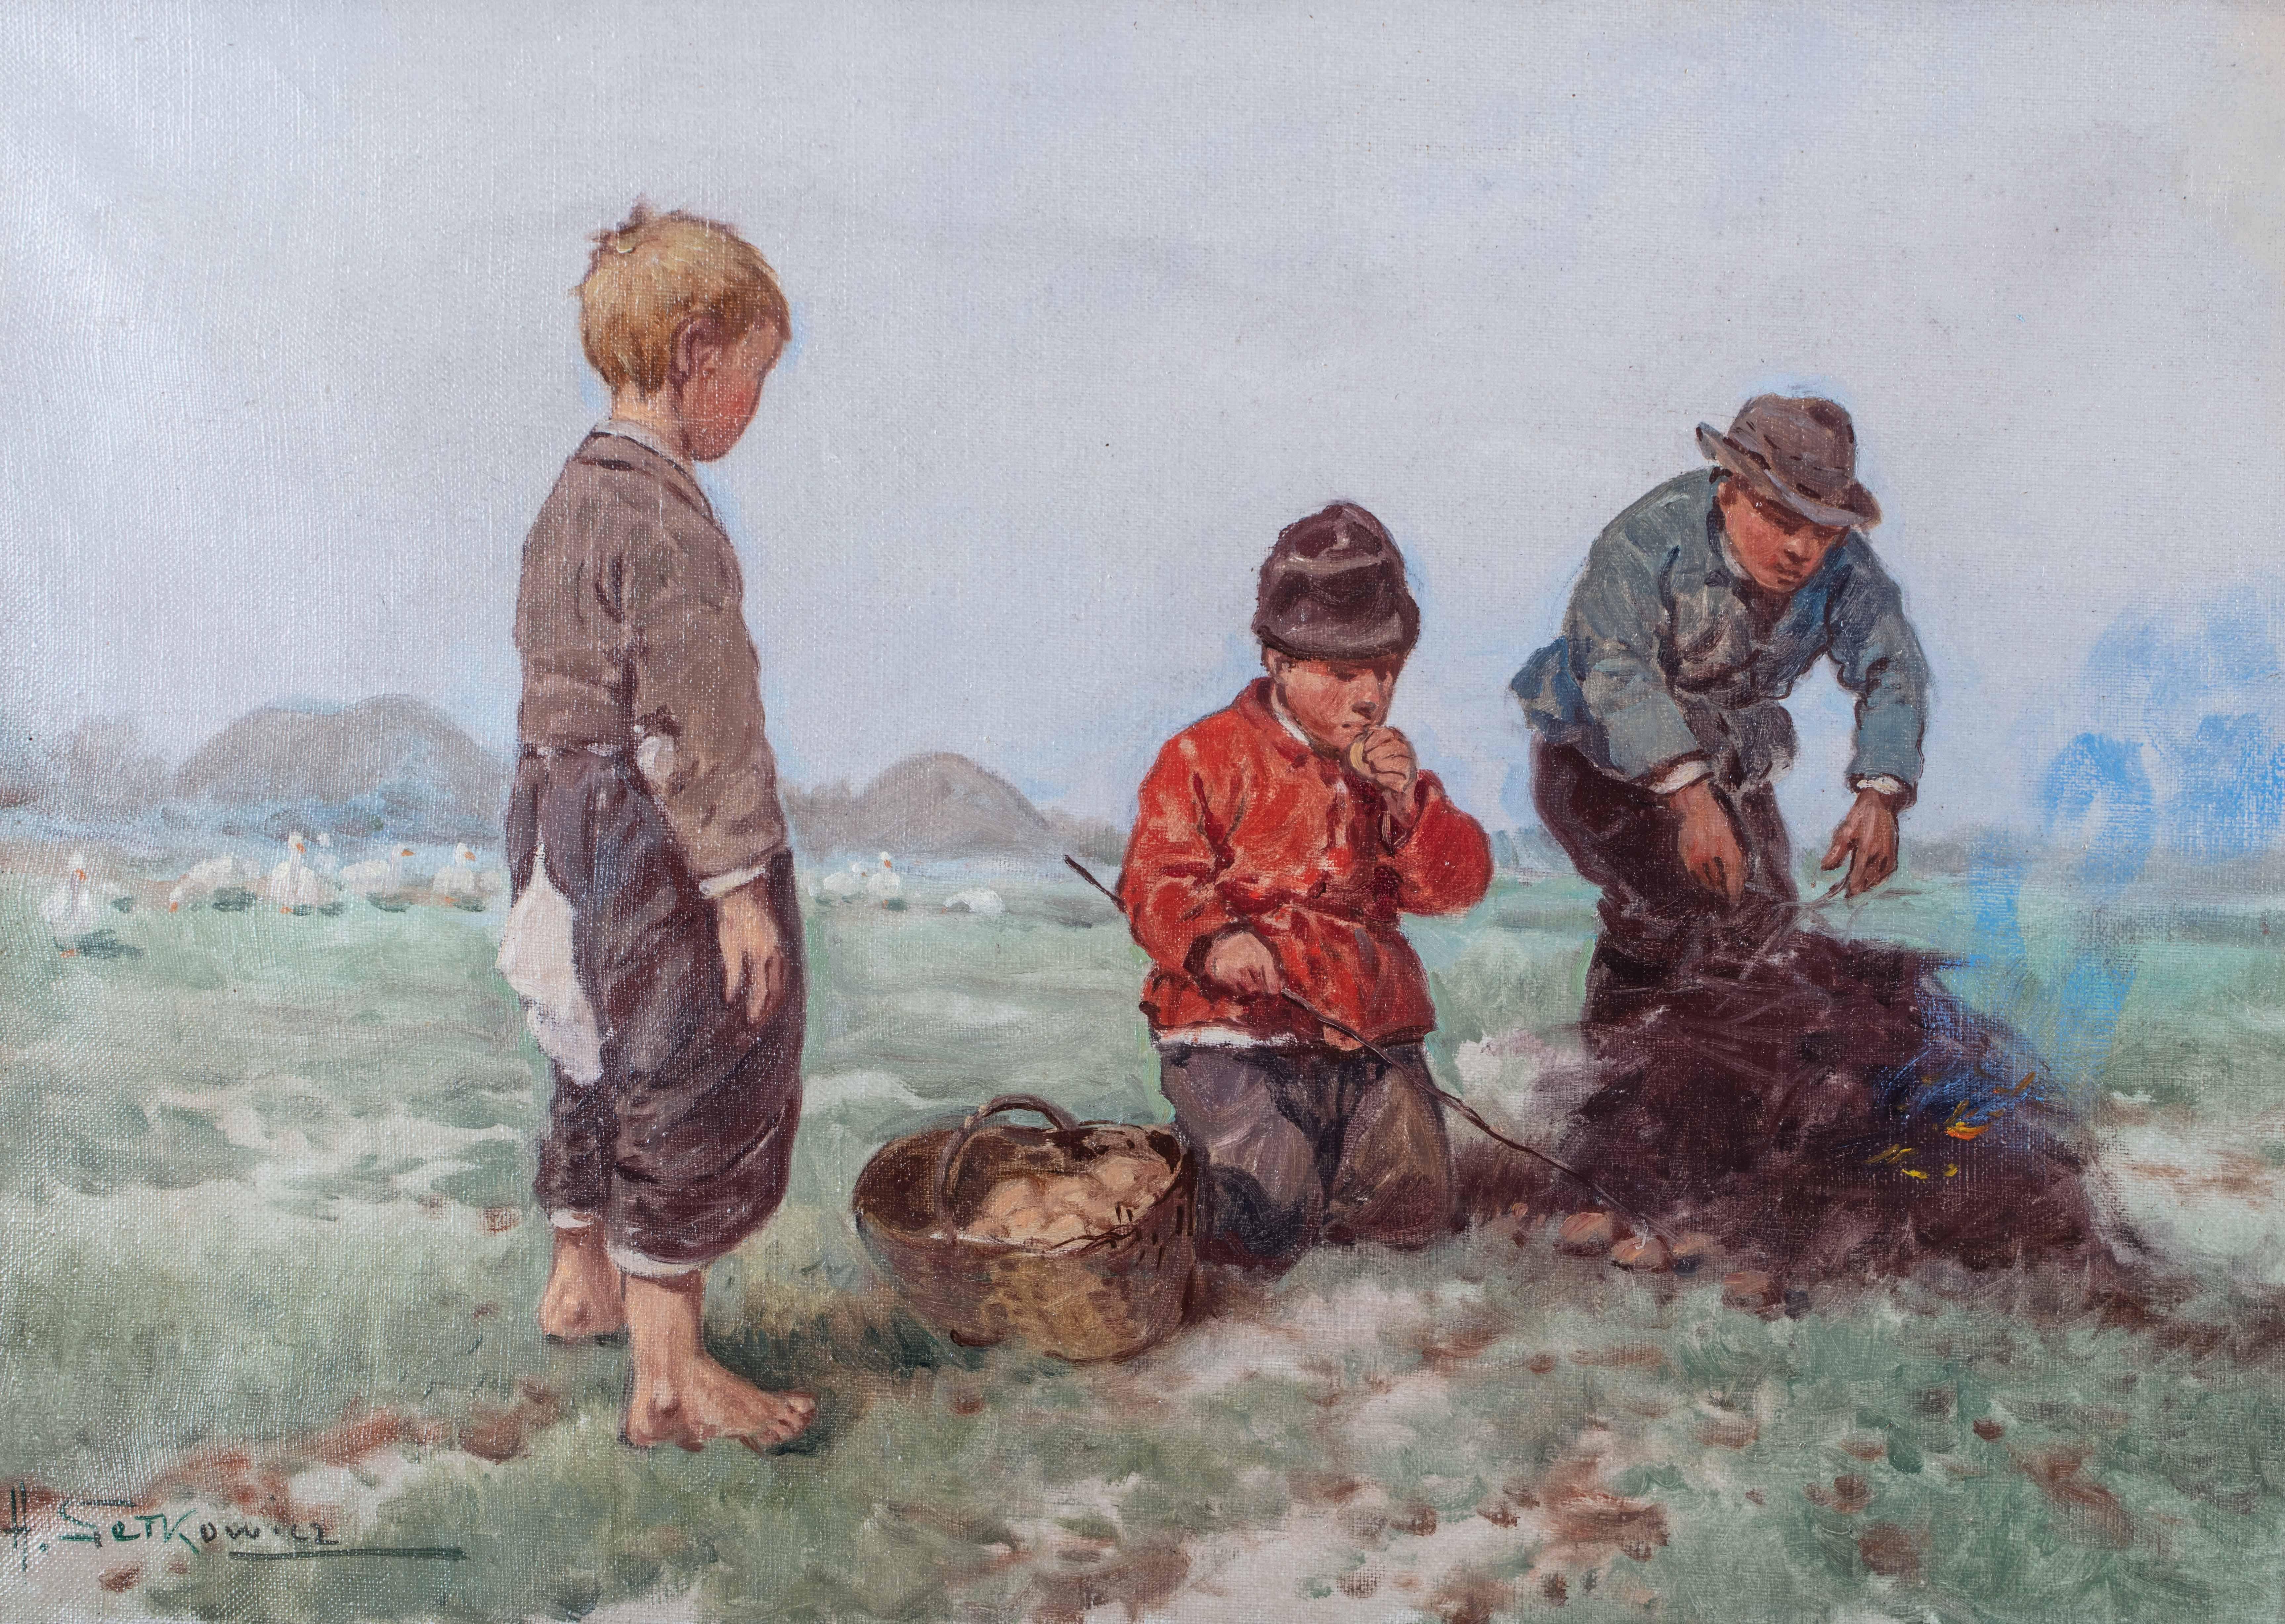 dzieci-adam-setkowicz